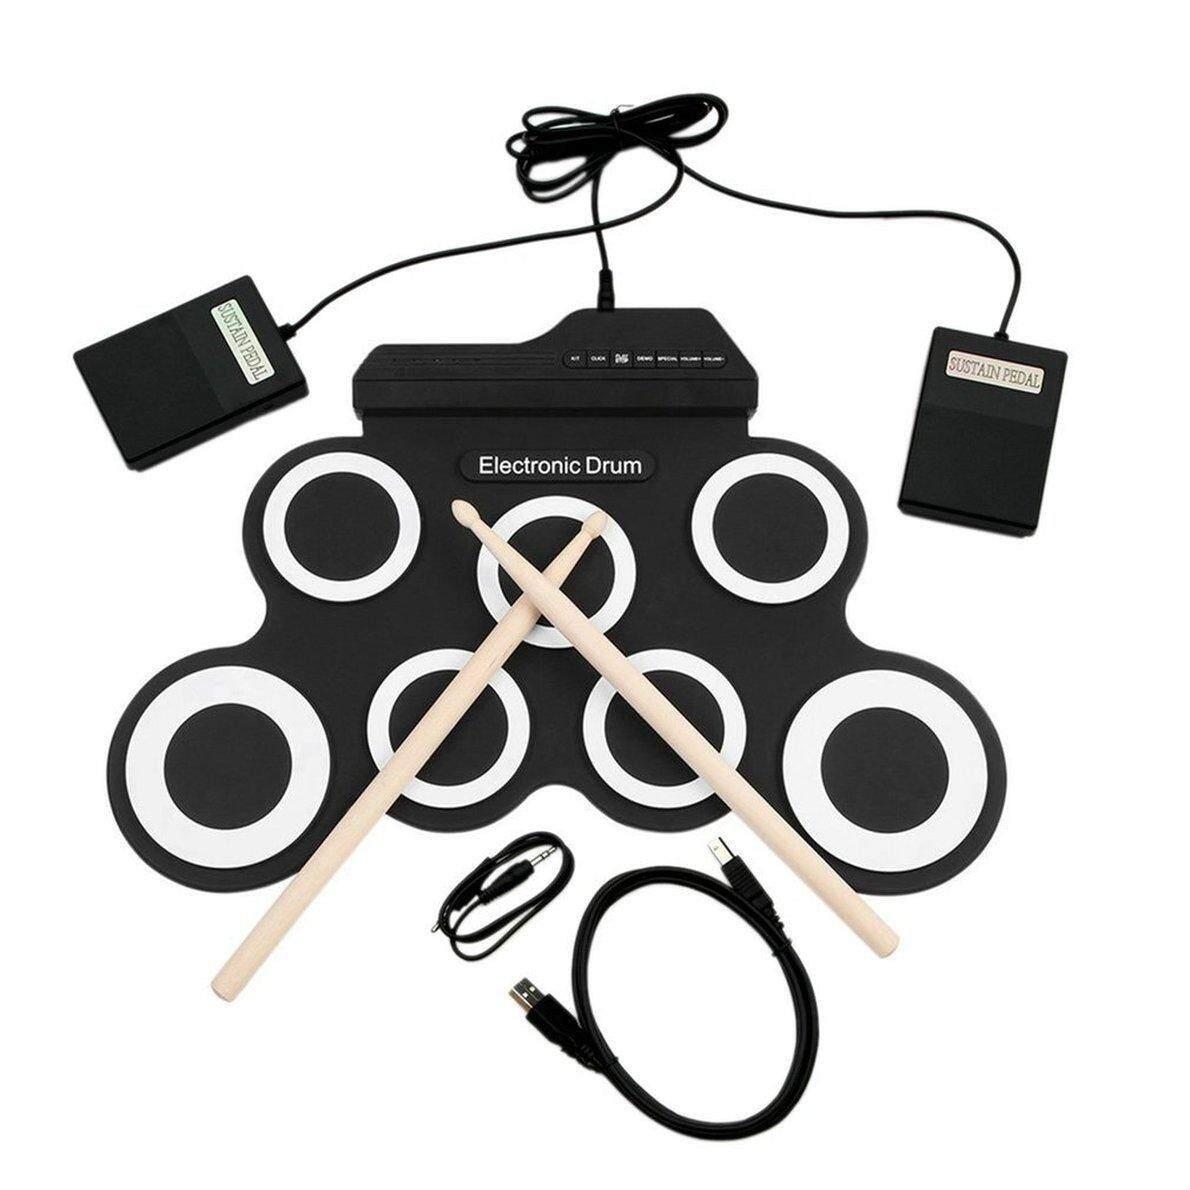 Top Bán USB Trống Điện Tử G3002 Bộ Trống Bộ Trống Nhạc Cụ Gõ Cho Trẻ Em